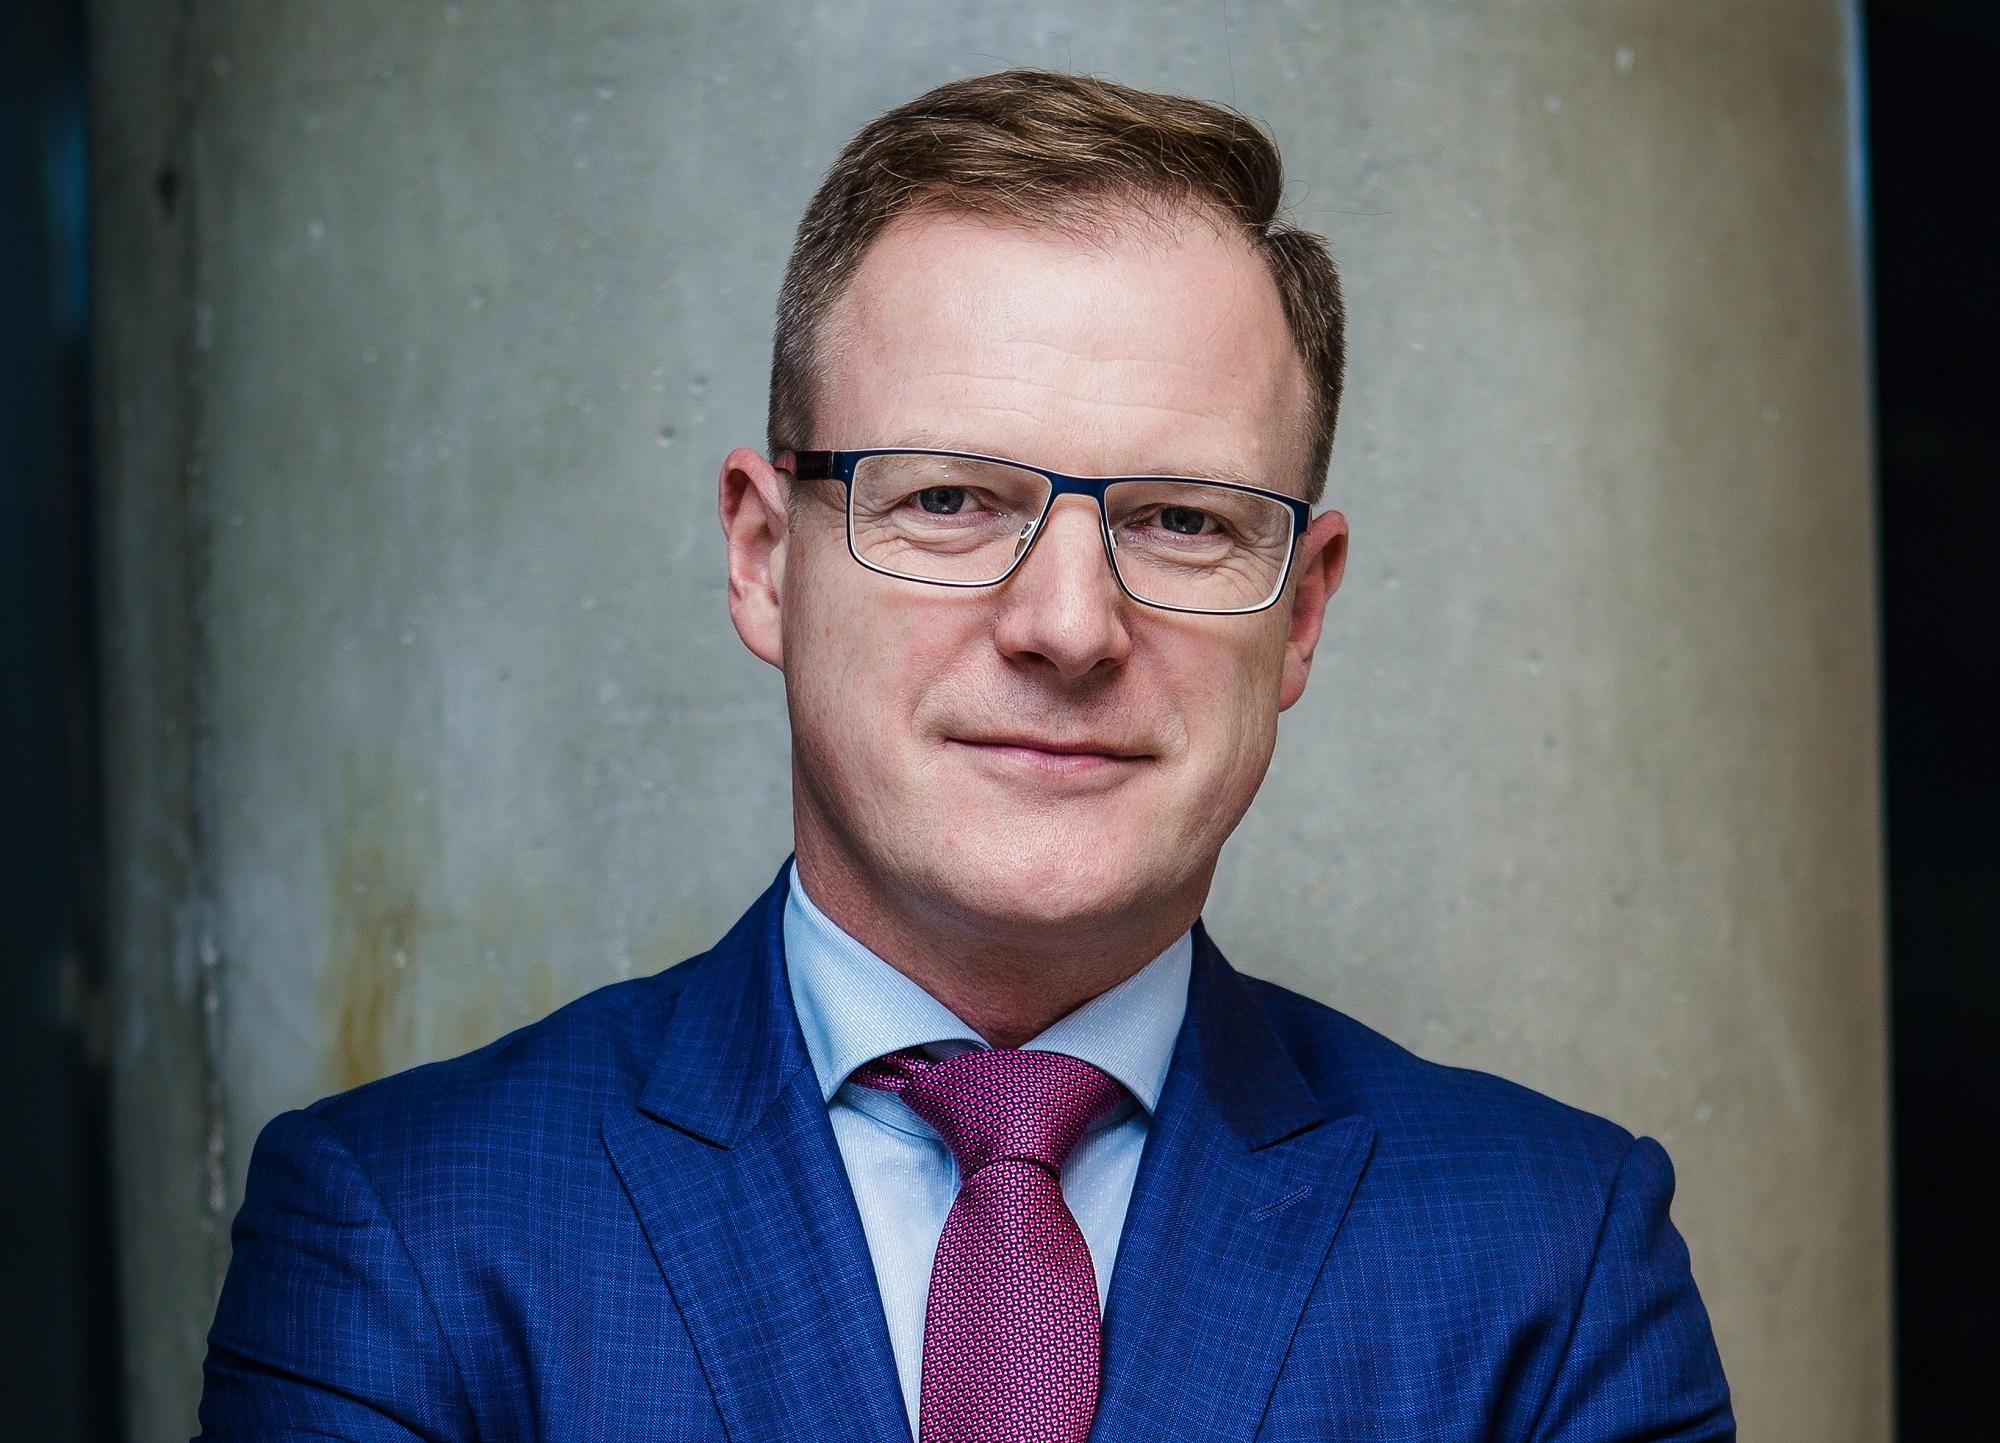 Chcielibyśmy, aby decyzje w przetargach śmigłowcowych zapadły jeszcze w tym roku - mówi Krzysztof Krystowski. (fot. mat. pras.)